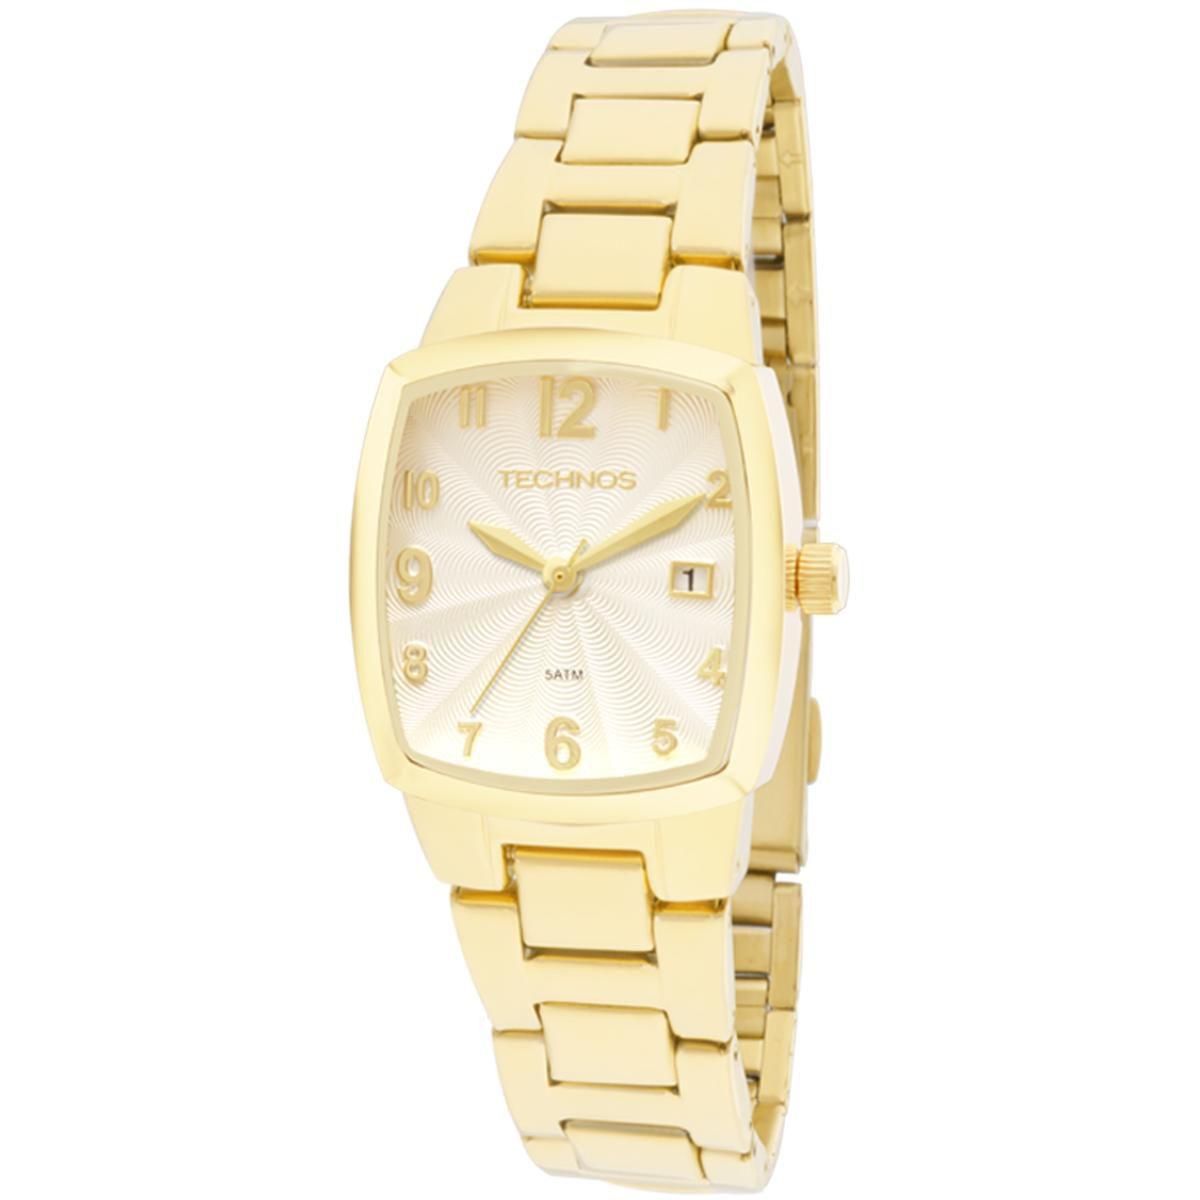 Relógio Technos Feminino 2015CAF/4K 25mm Aço Dourado